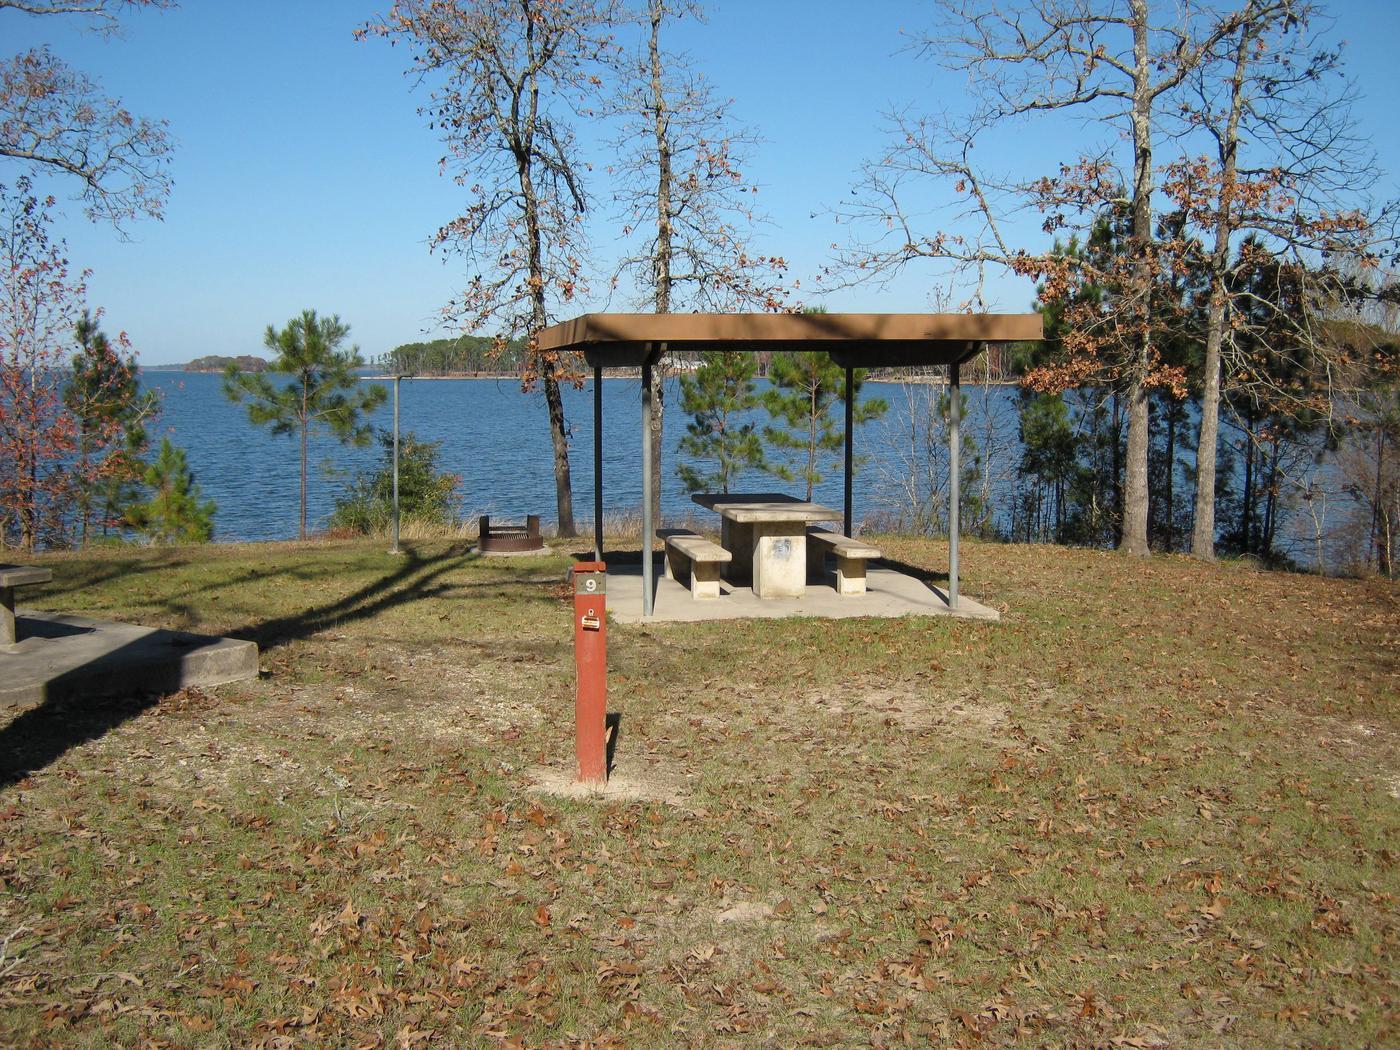 Campsite 09